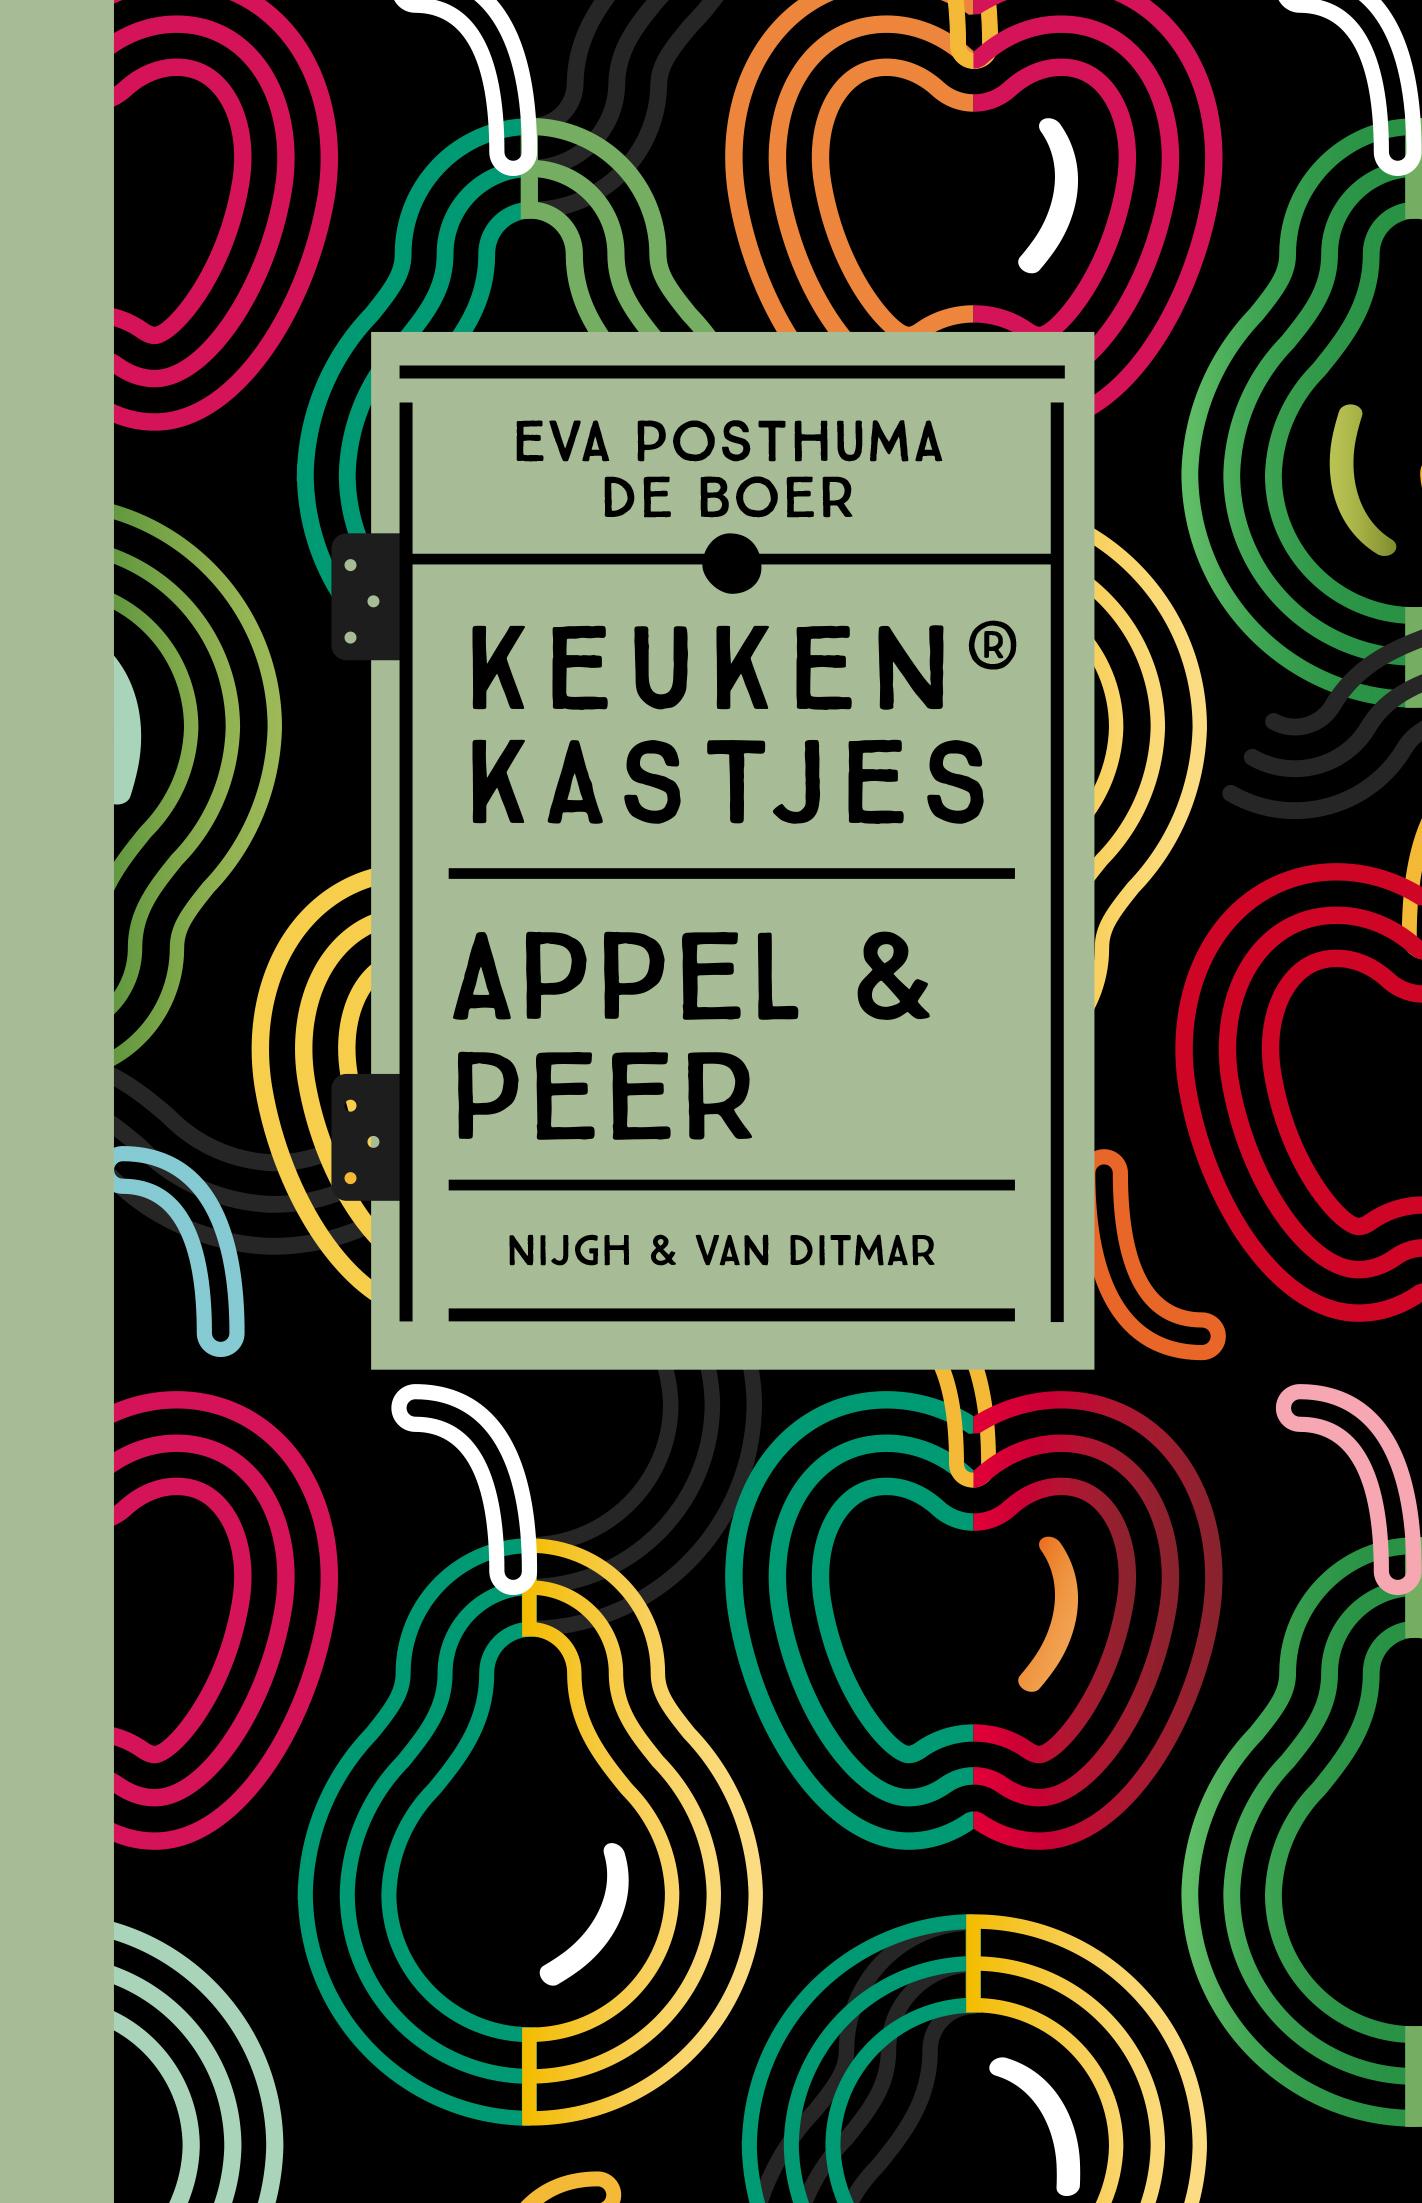 Keukenkastjes - Appel & Peer - boekenflits